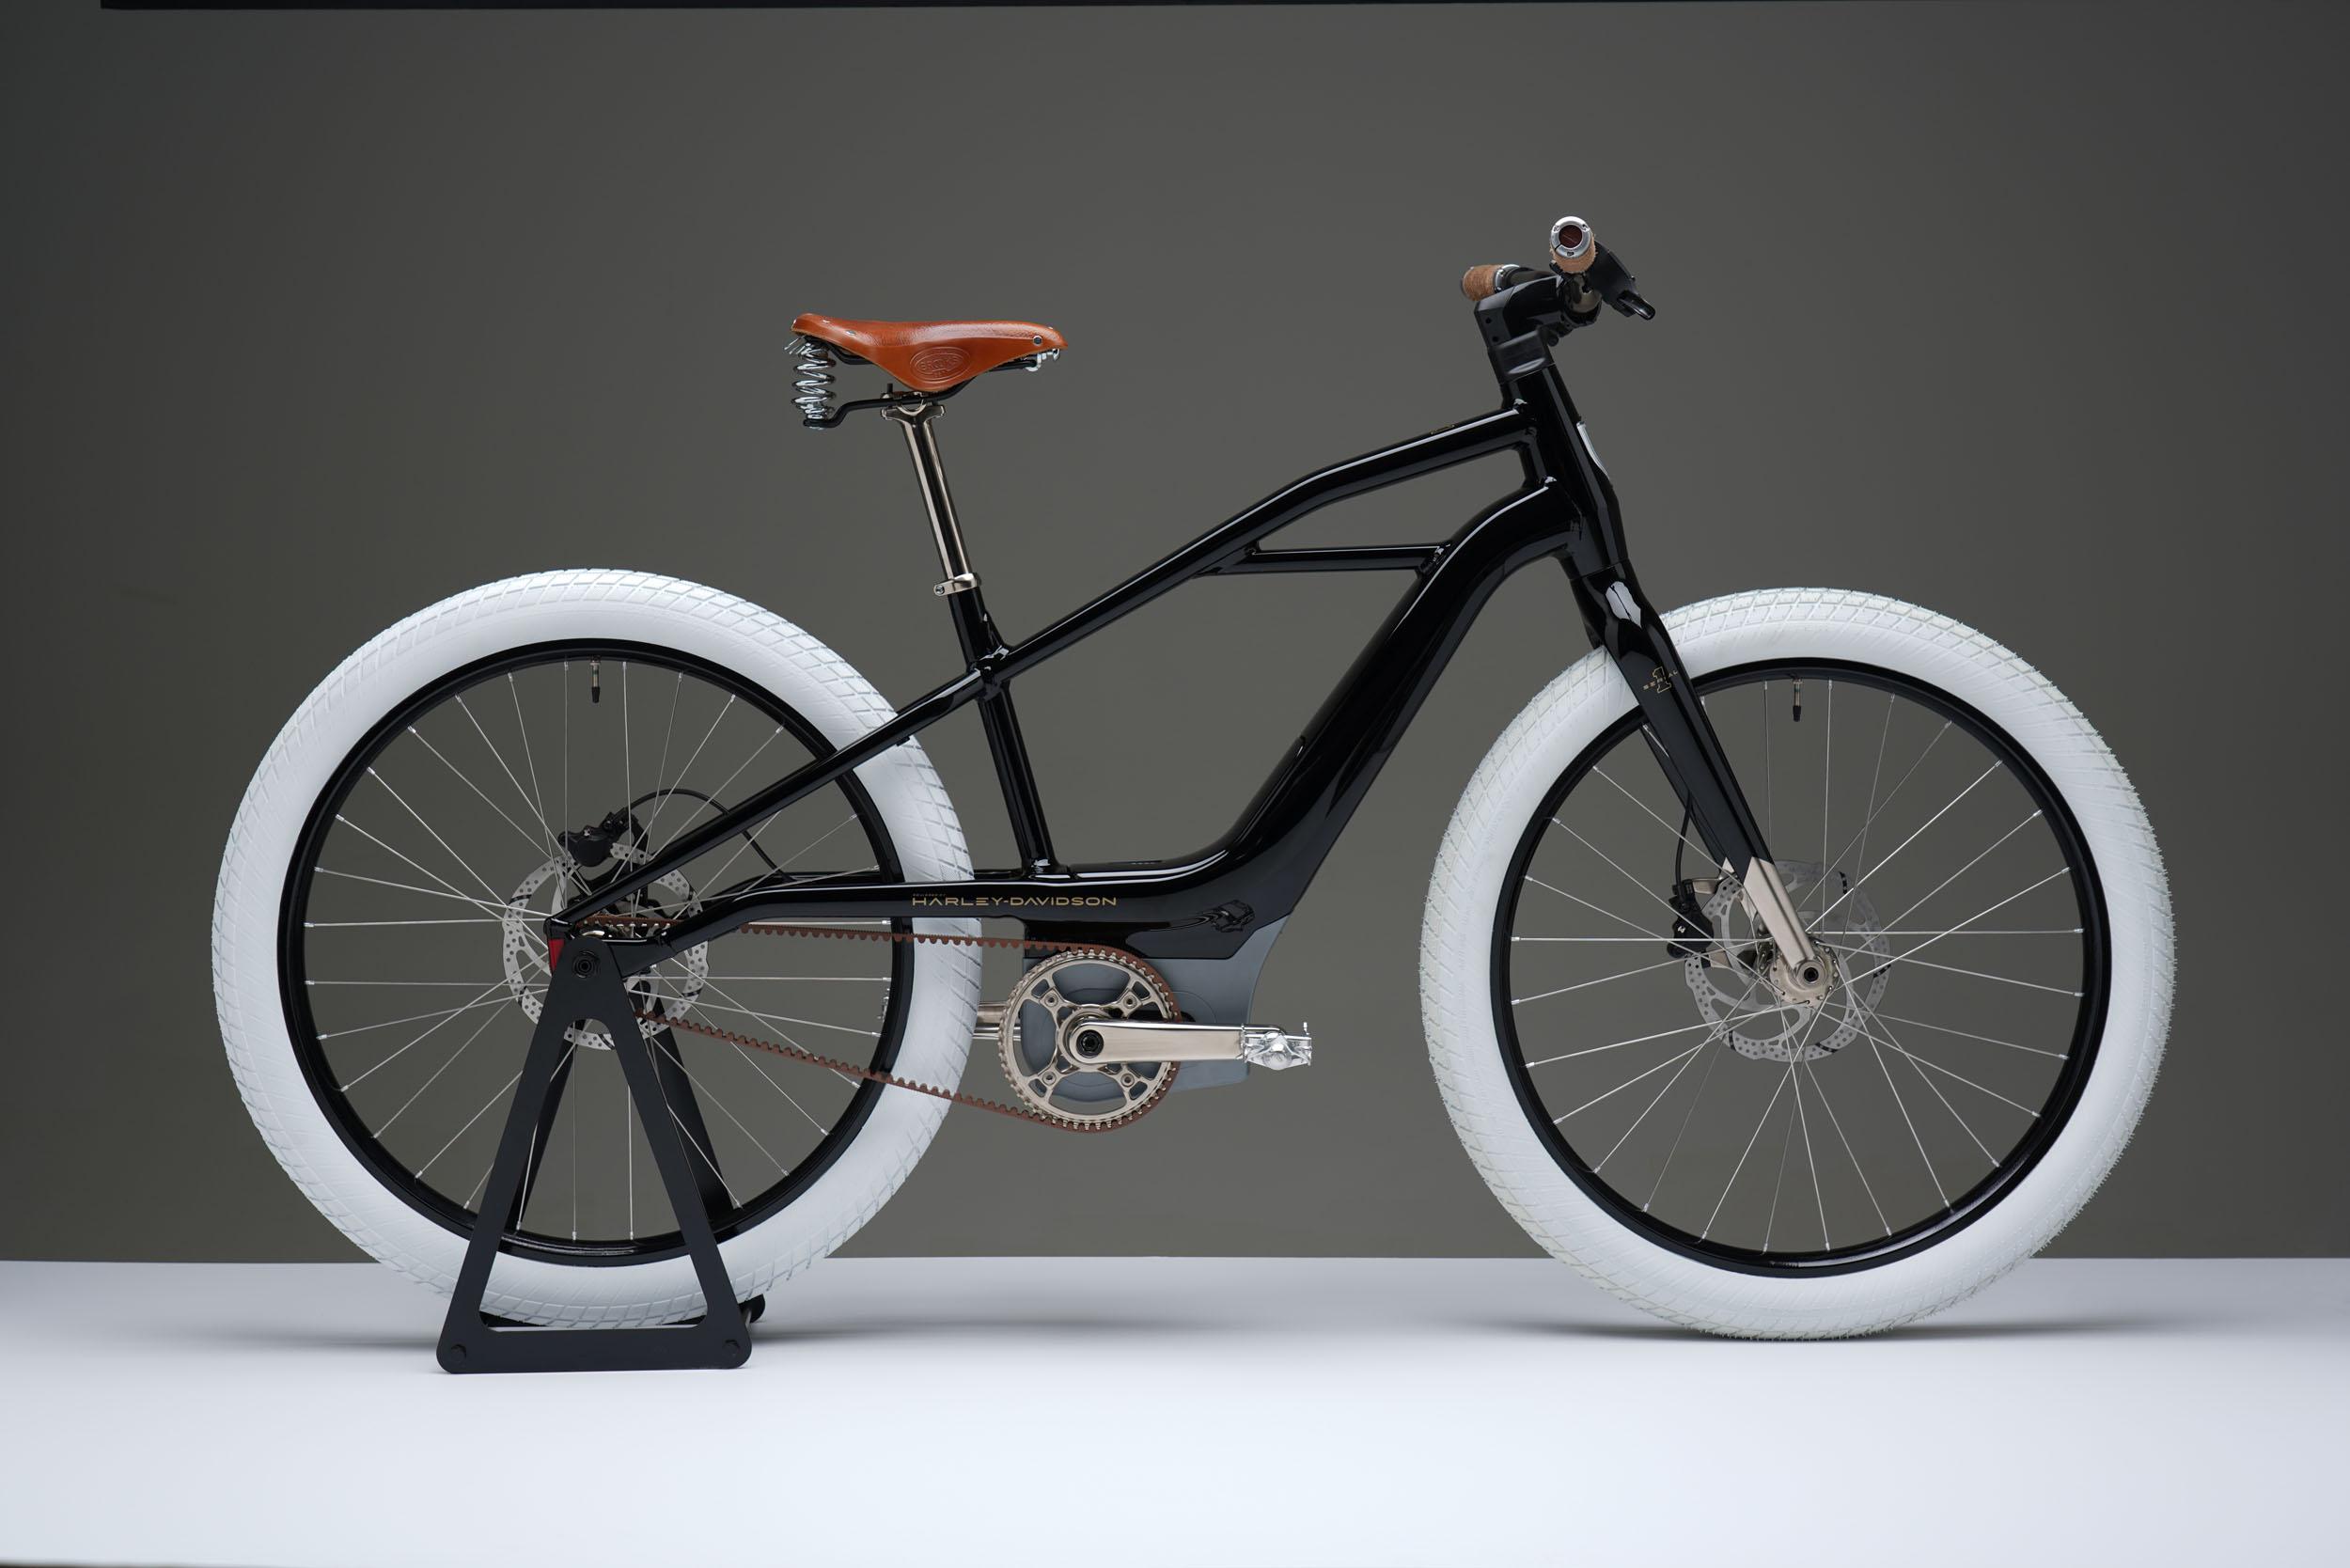 Harley-Davidson анонсировала электровелосипед Serial 1 и запускает отдельную компанию для выпуска таких устройств